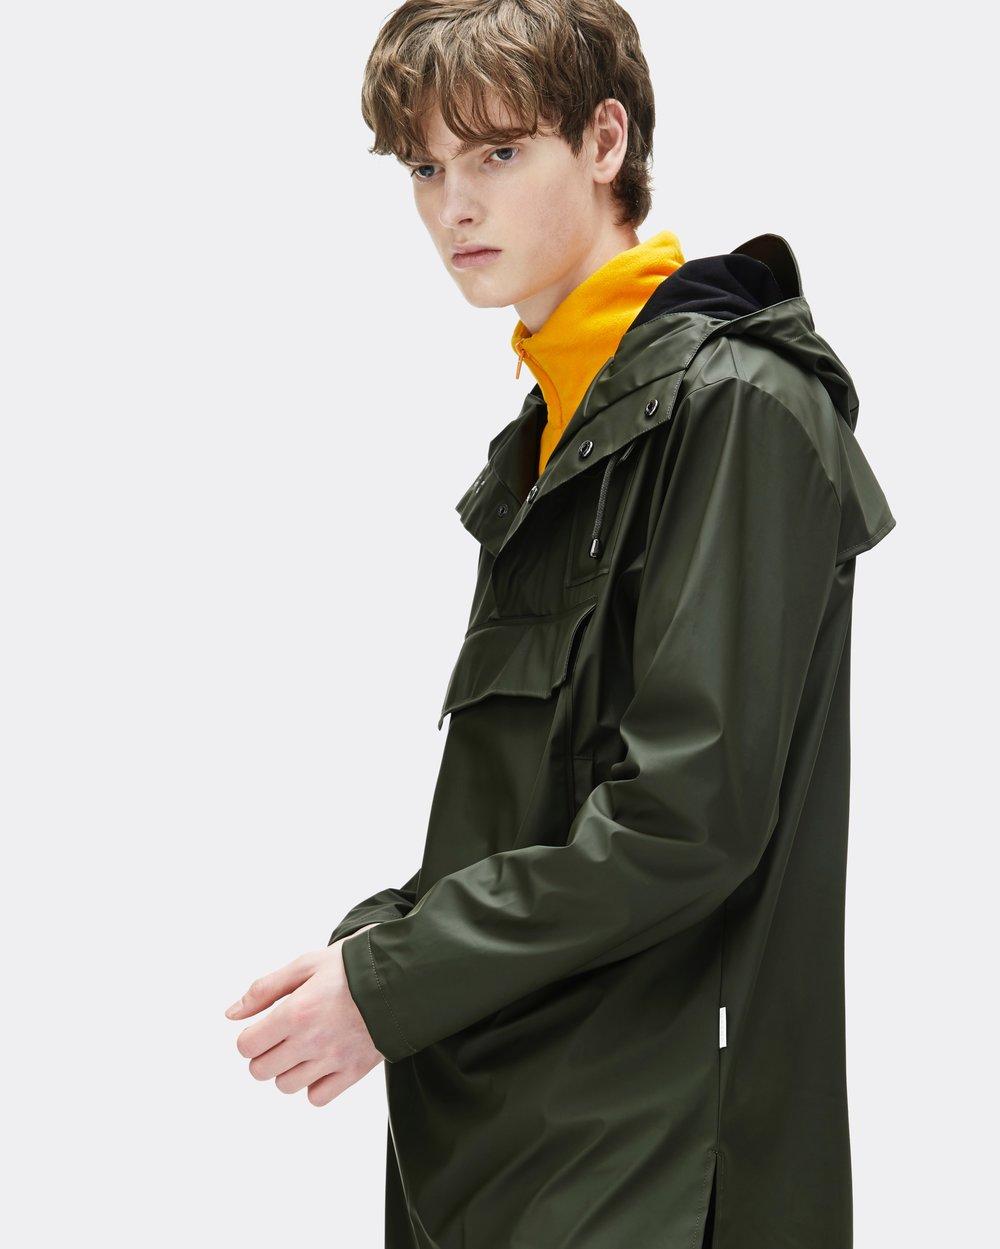 RAINS - 来自哥本哈根的小众潮流雨着品牌——RAINS,赋予了传统橡胶雨衣以创新精神的品牌。RAINS 主打高科技户外服饰,与传统户外服饰不同的是其在面料上选用更加轻薄透气防汗防臭的PU材质也解决传统服饰的闷热潮湿问题RAINS雨衣系列也融入北欧简约设计,不仅有着出色的户外功能性更加具有时尚潮流感。